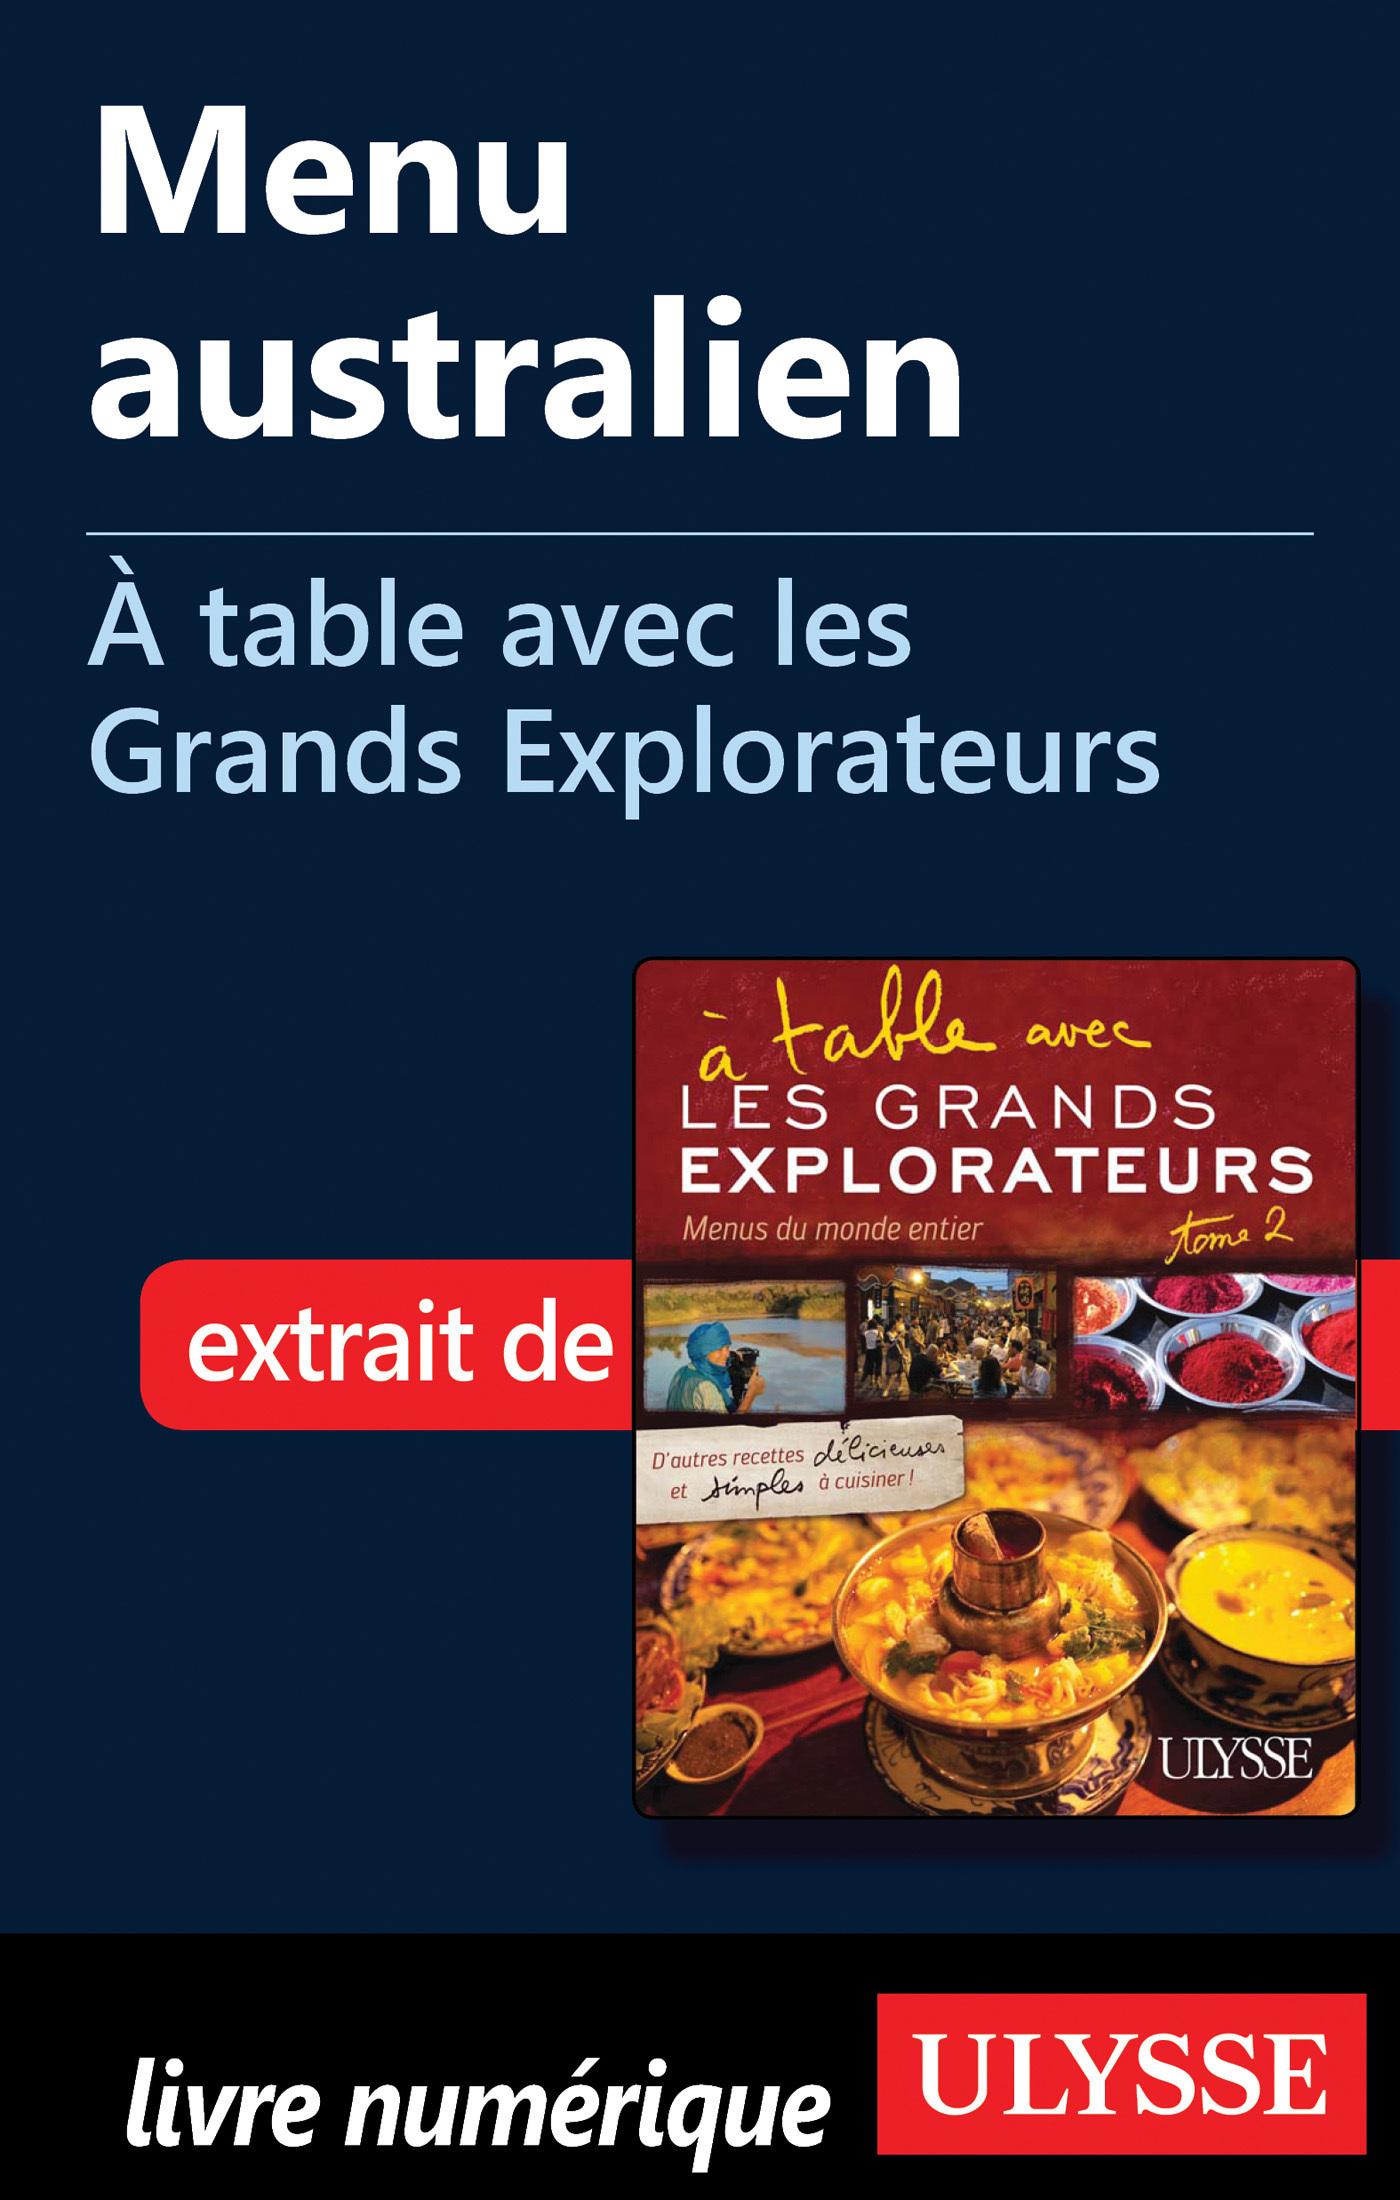 Menu australien - A table avec les Grands Explorateurs